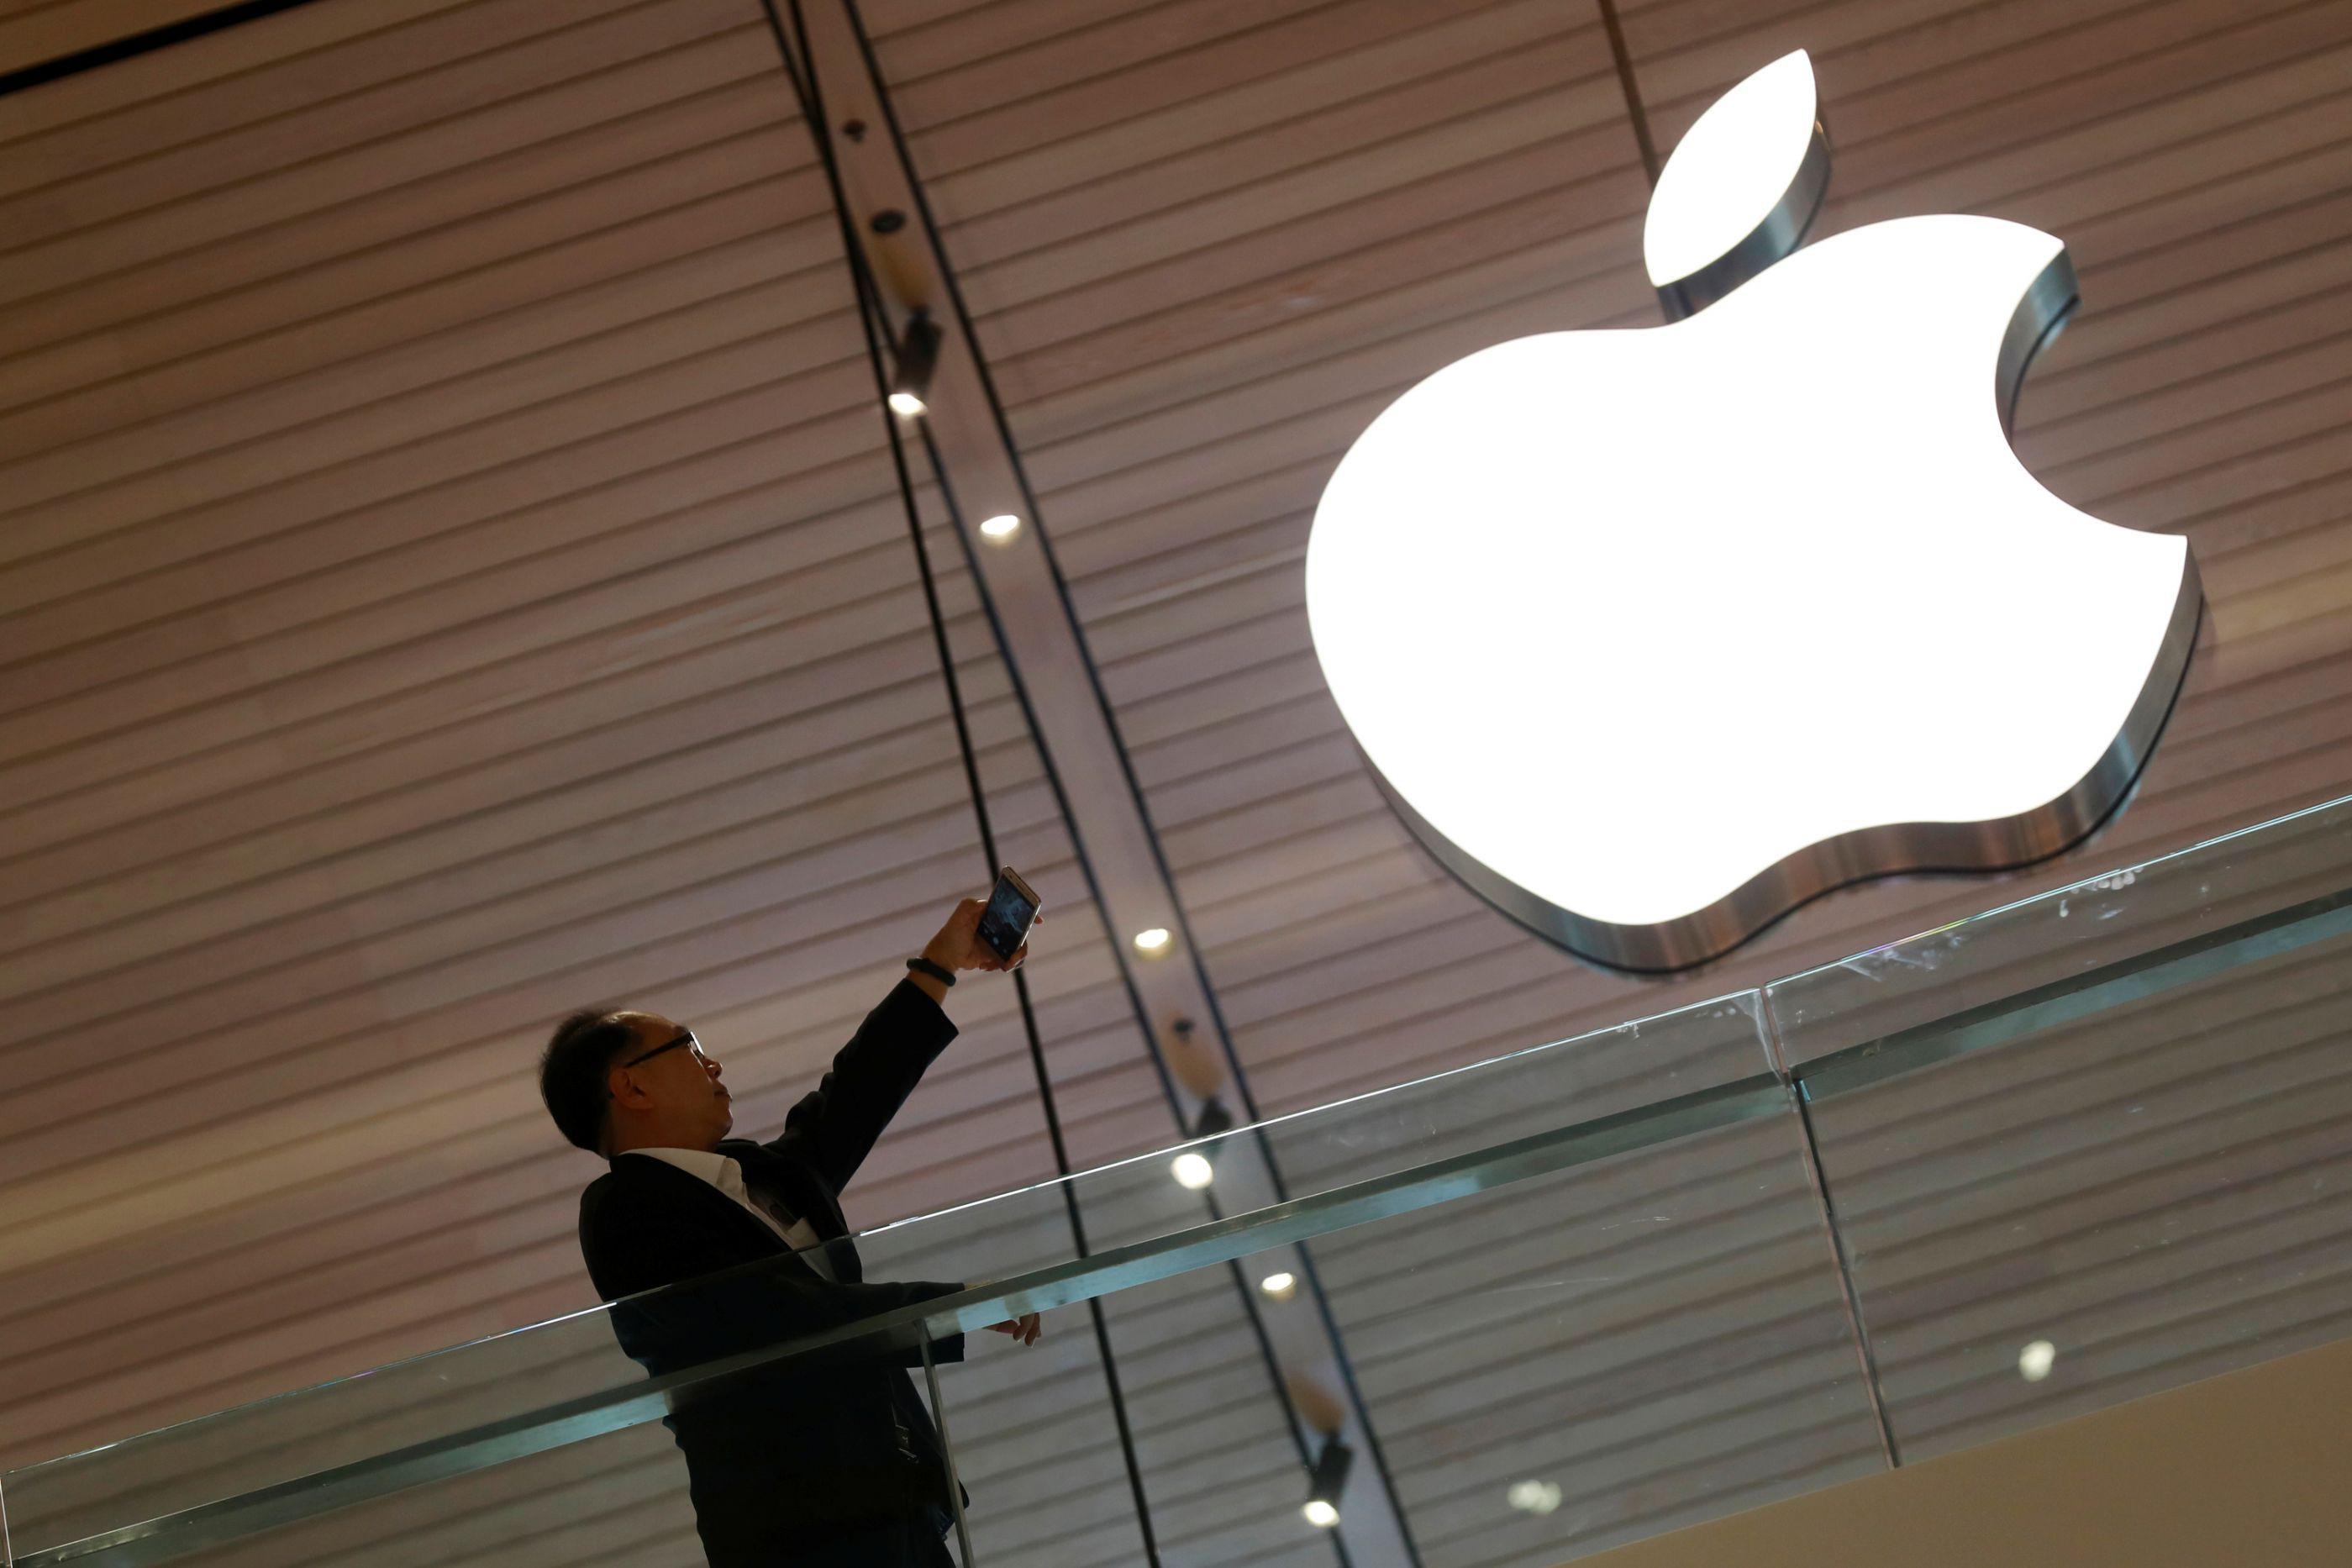 Em outubro foi da marca da 'maçã' o domínio das notícias e redes sociais